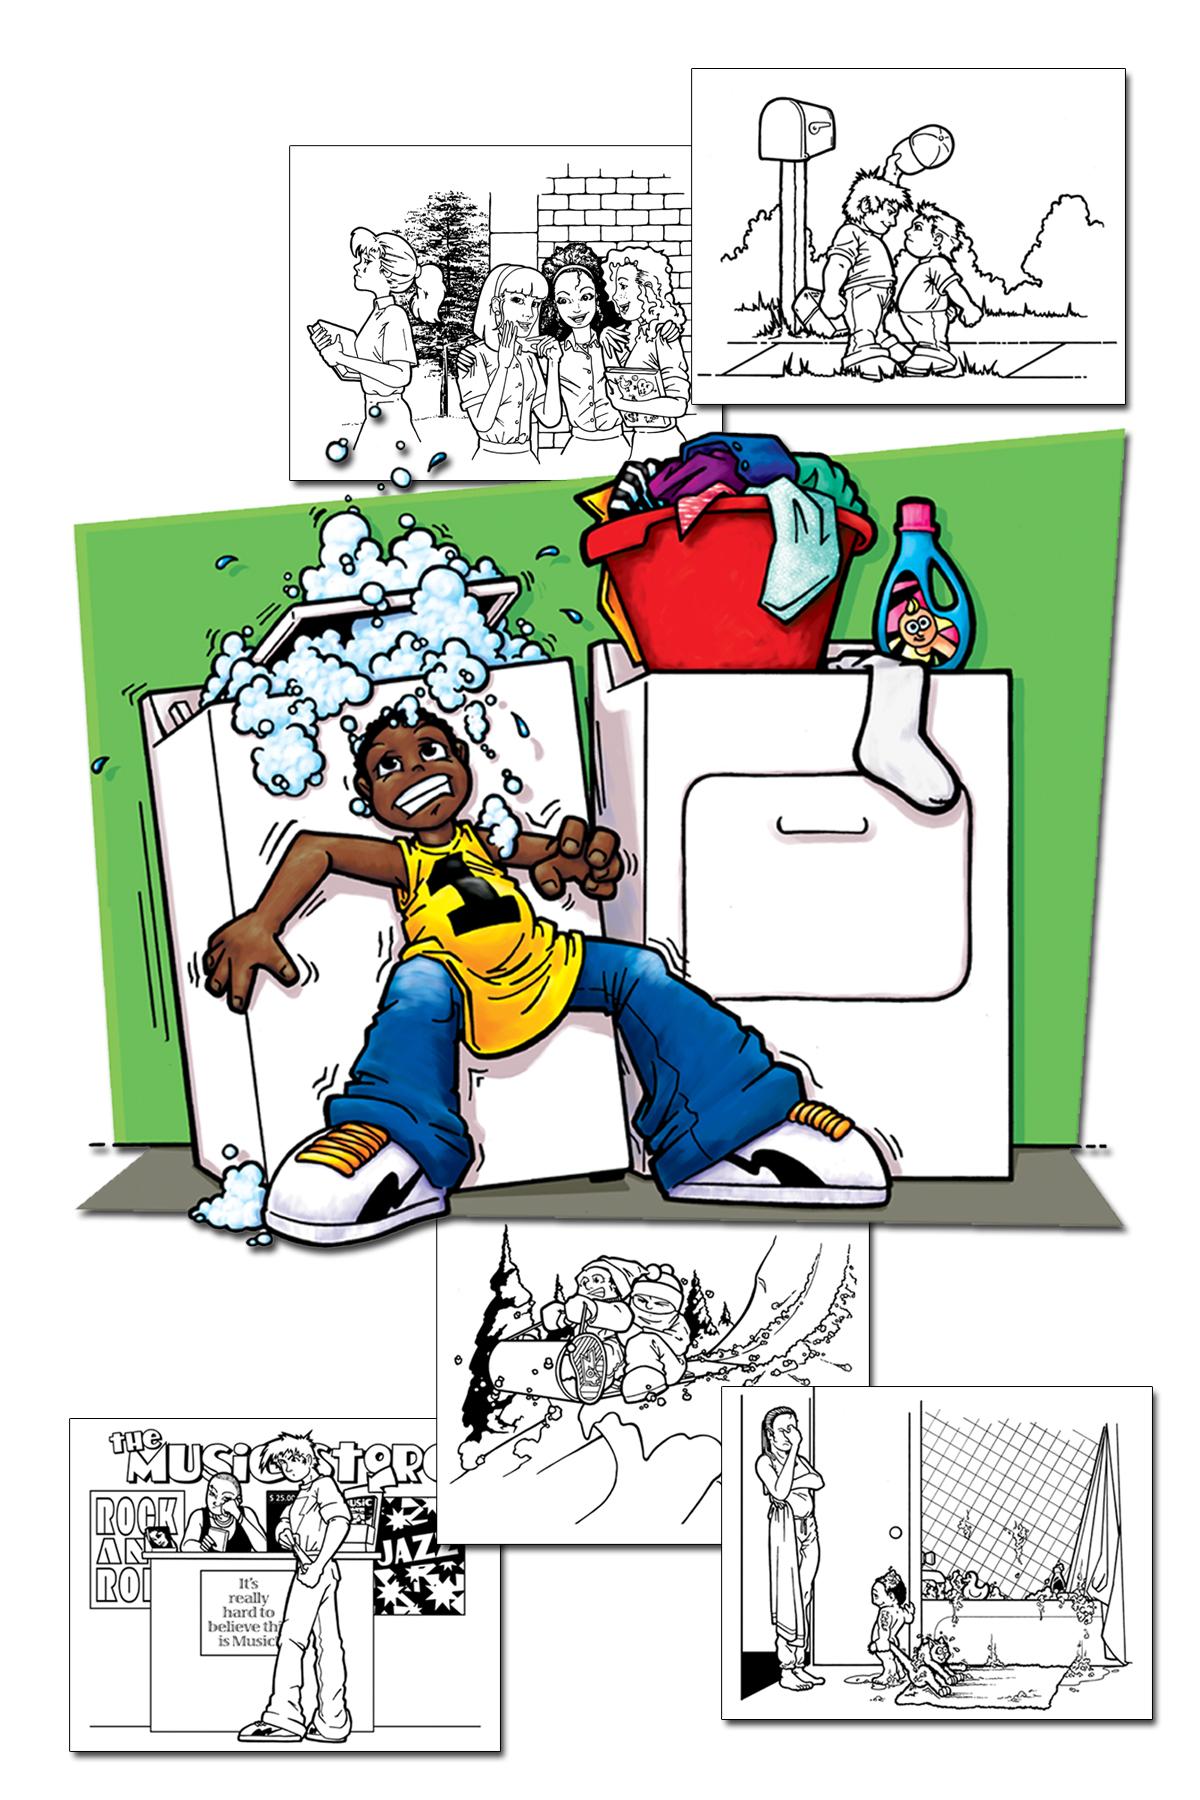 kdi-Coloringbook.jpg